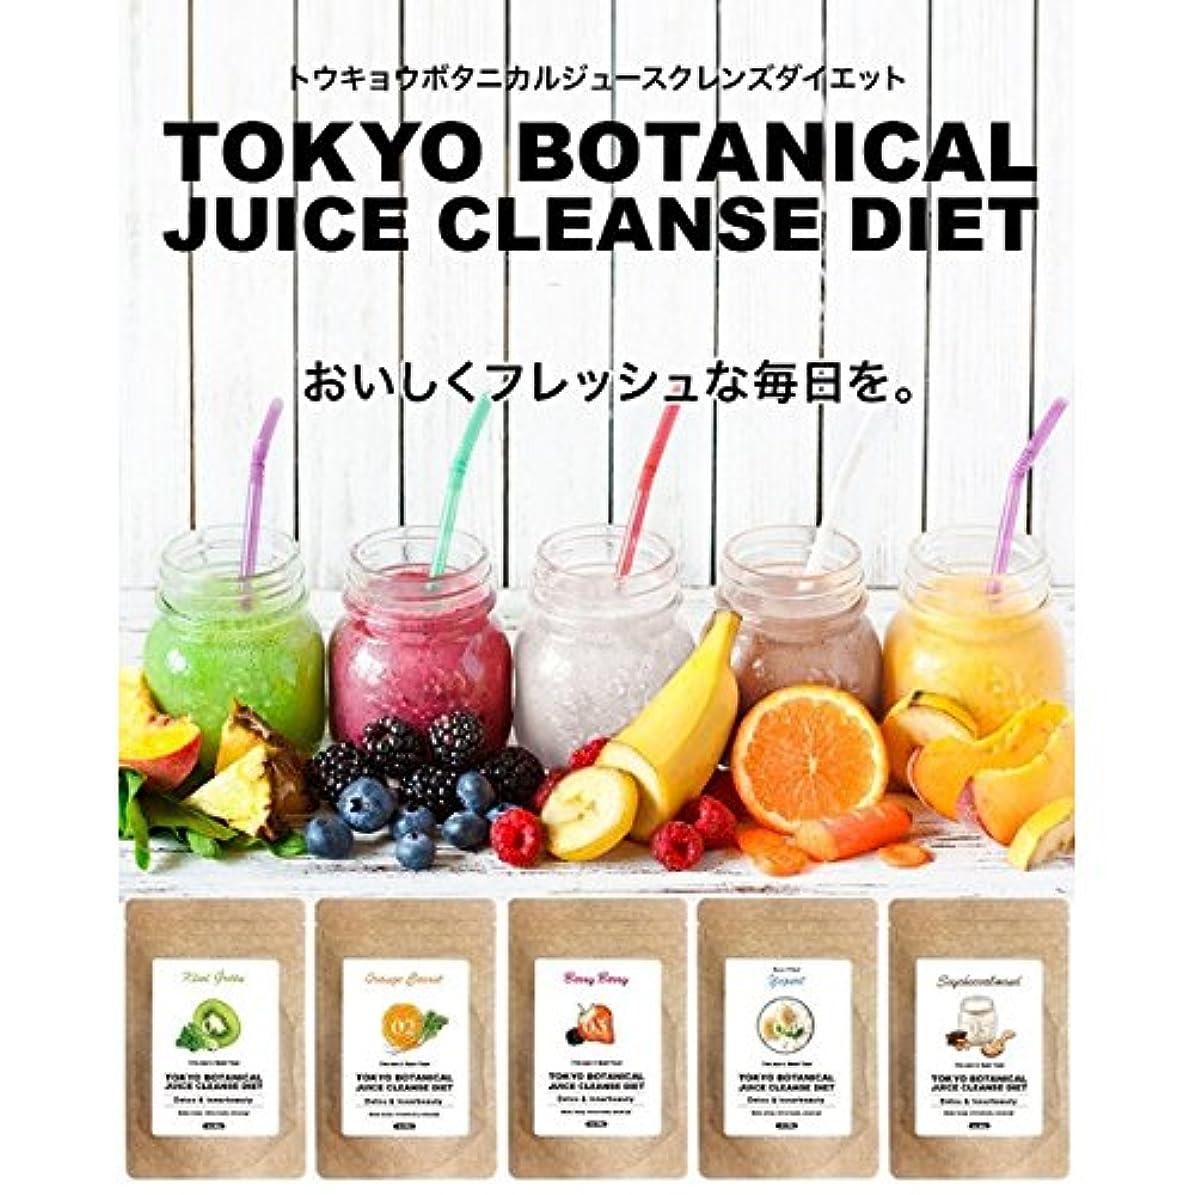 管理母性短くする東京ボタニカルジュースクレンズダイエット  ベリーベリー&オレンジキャロットセット